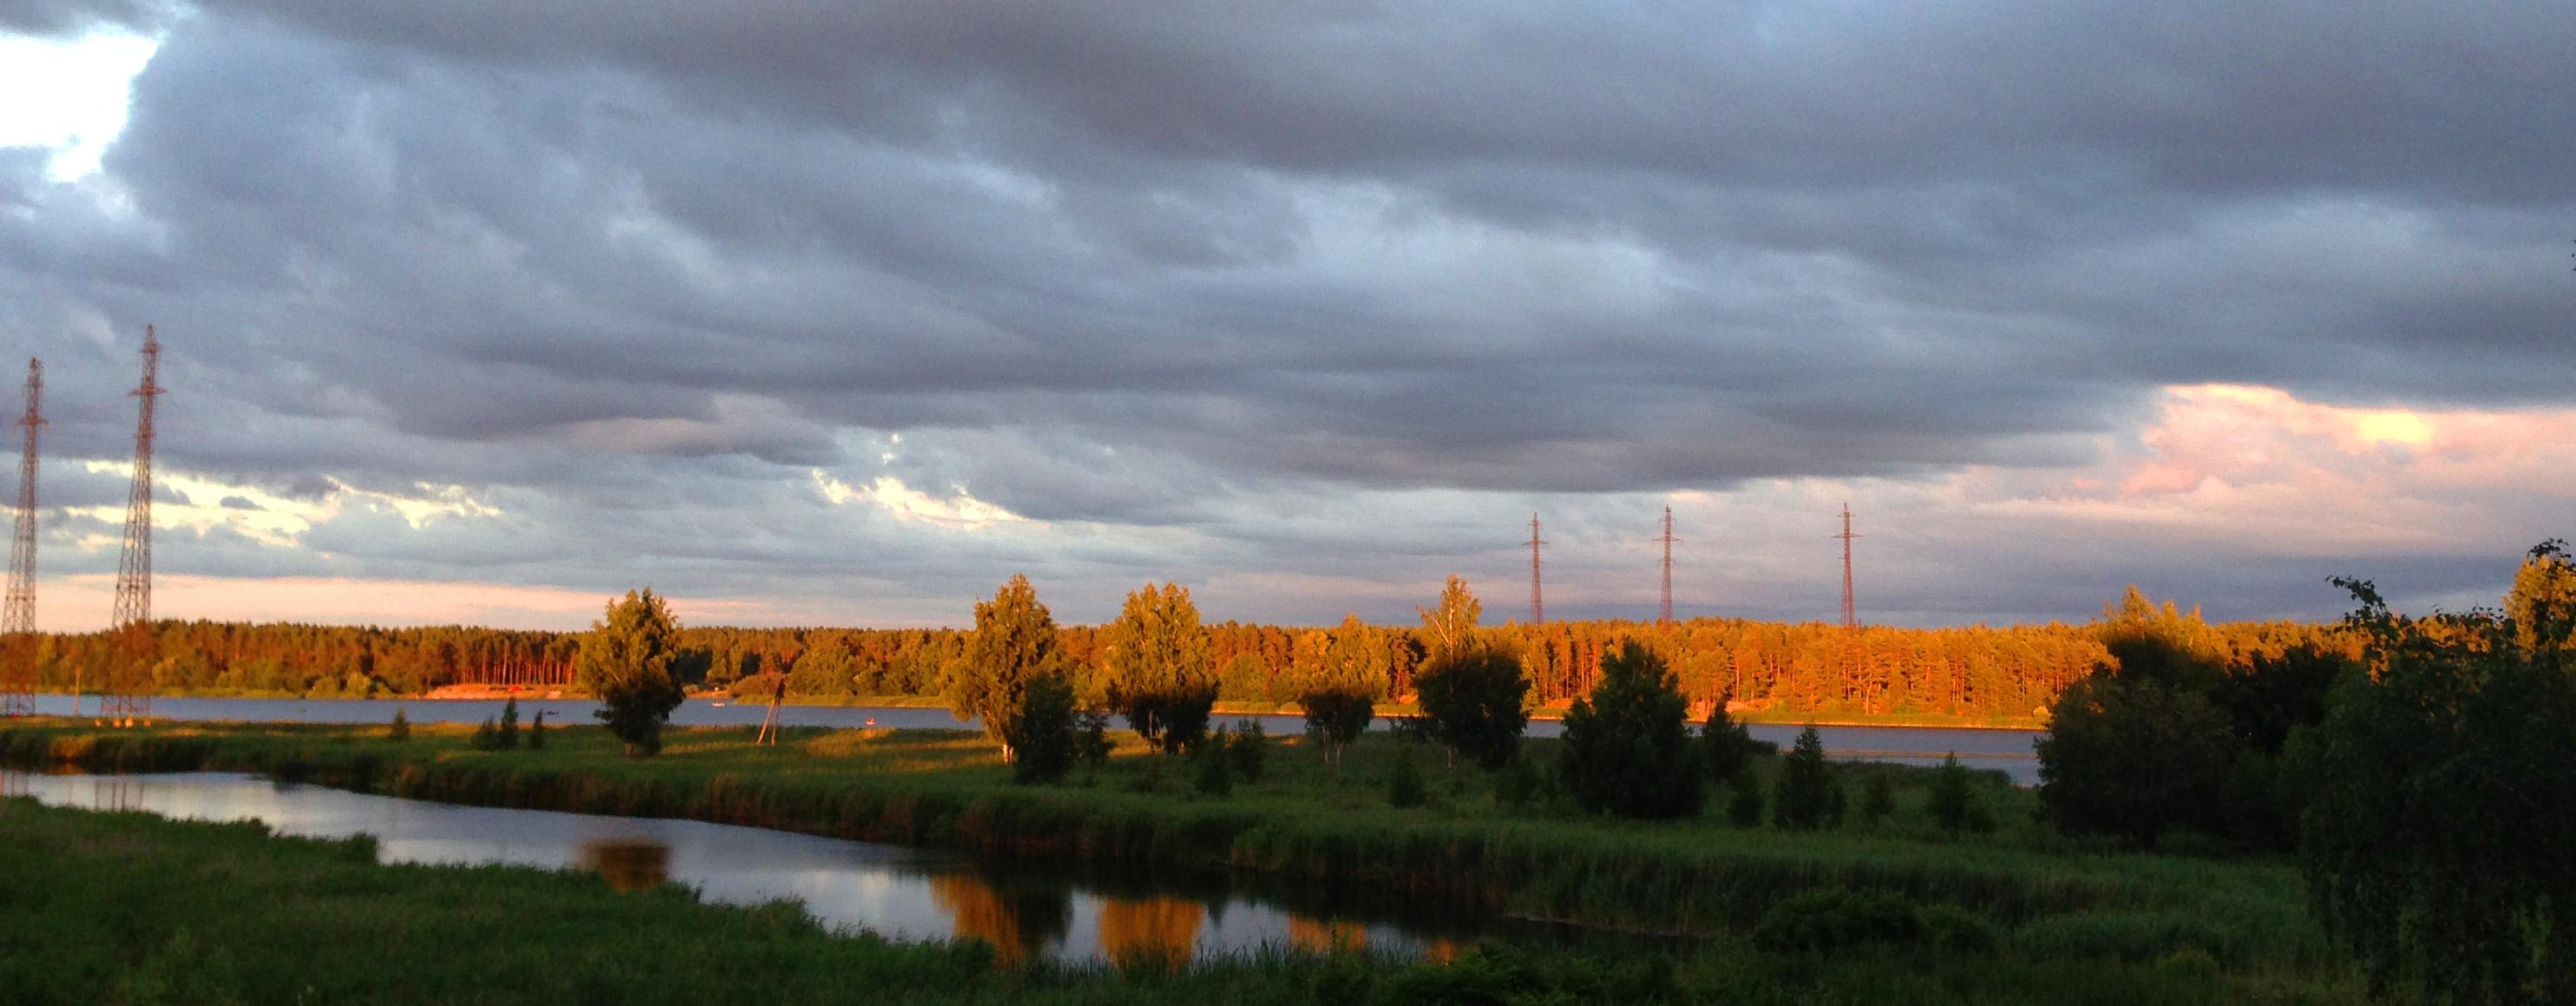 Природа в июле Летний речной пейзаж Альберт Сафиуллин